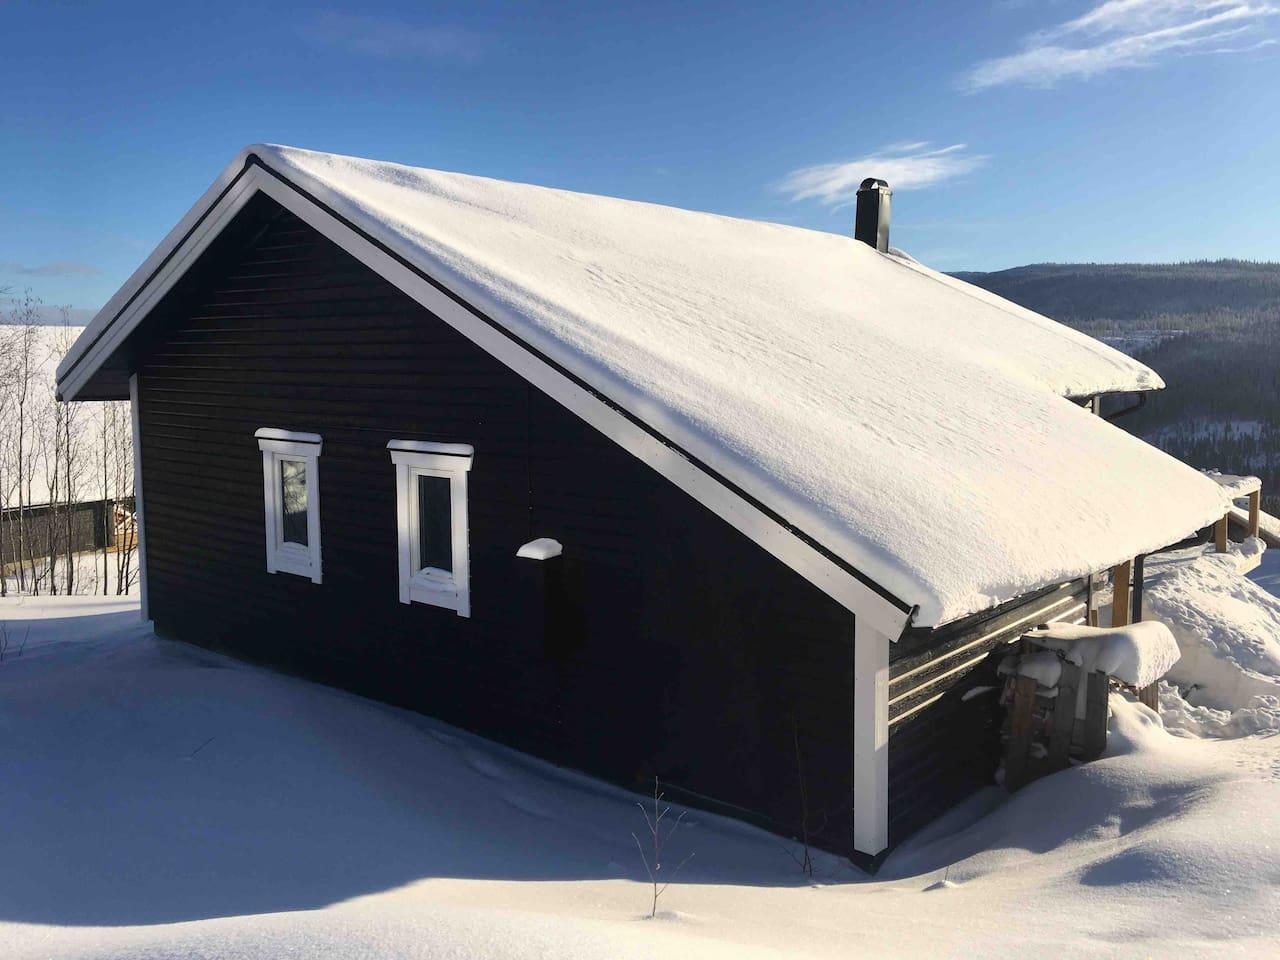 Baksidan mot Mullfjället, ca 70 meter till Gunnilliften. Går även att ta liften upp med längdskidorna kostnadsfritt